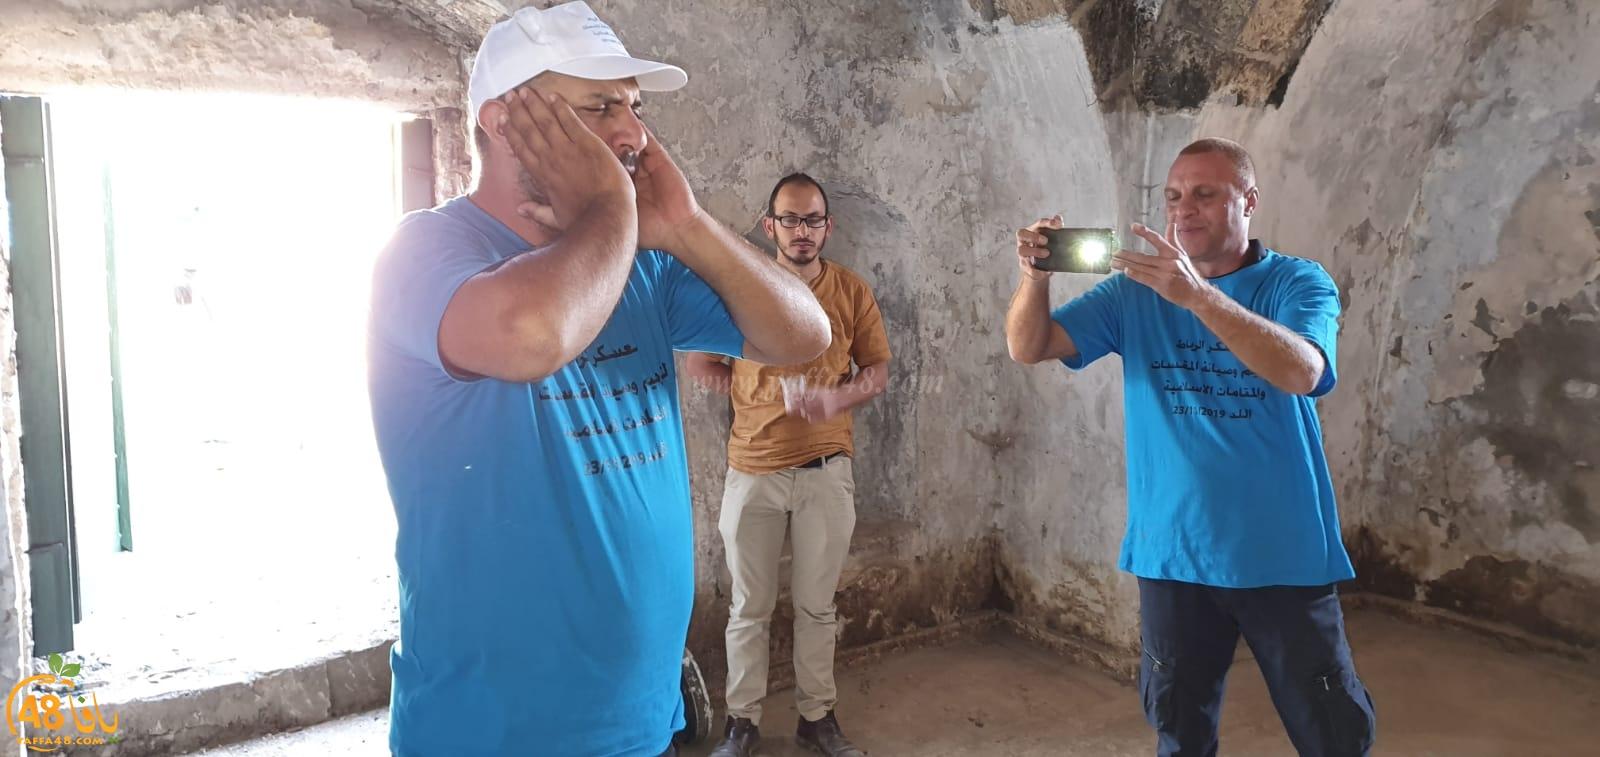 فيديو: اختتام فعاليات معسكر الرباط لصيانة المقدسات الاسلامية في مدينة اللد